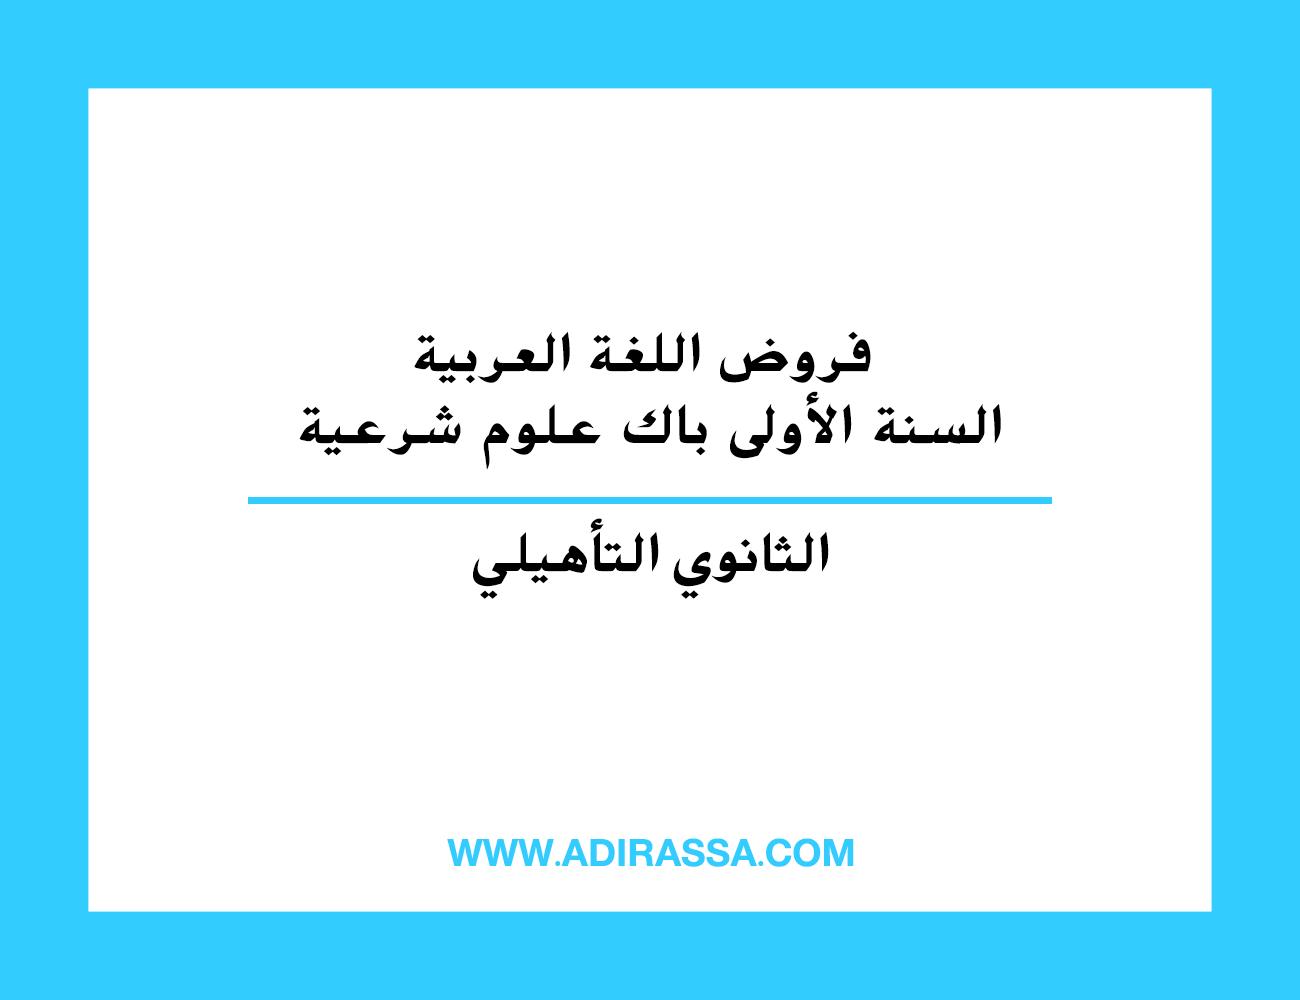 فروض اللغة العربية السنة الأولى باك علوم شرعية بالثانوي التأهيلي